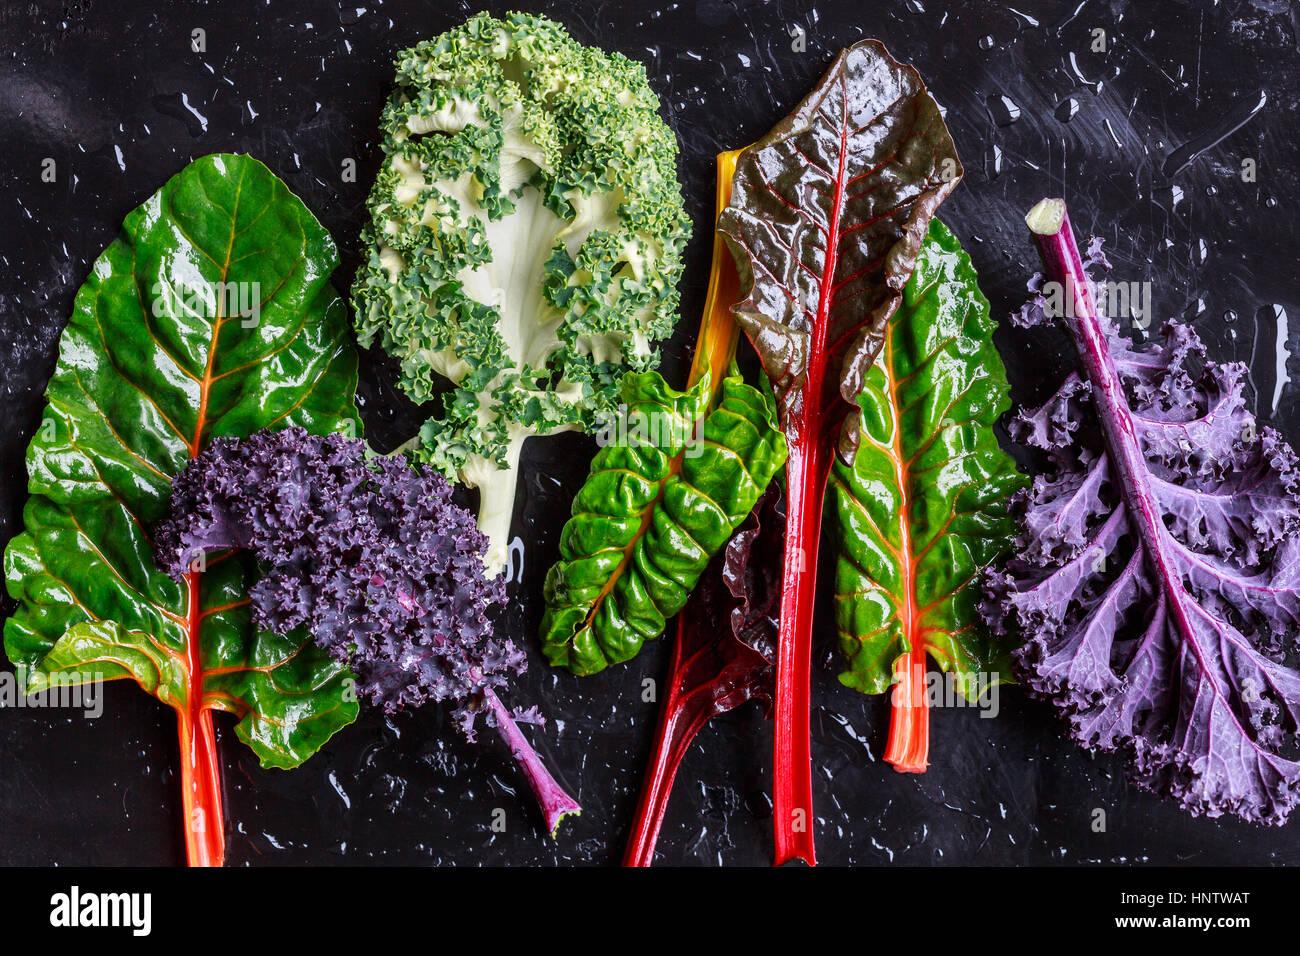 Kale pourpre et la bette à carde Photo Stock